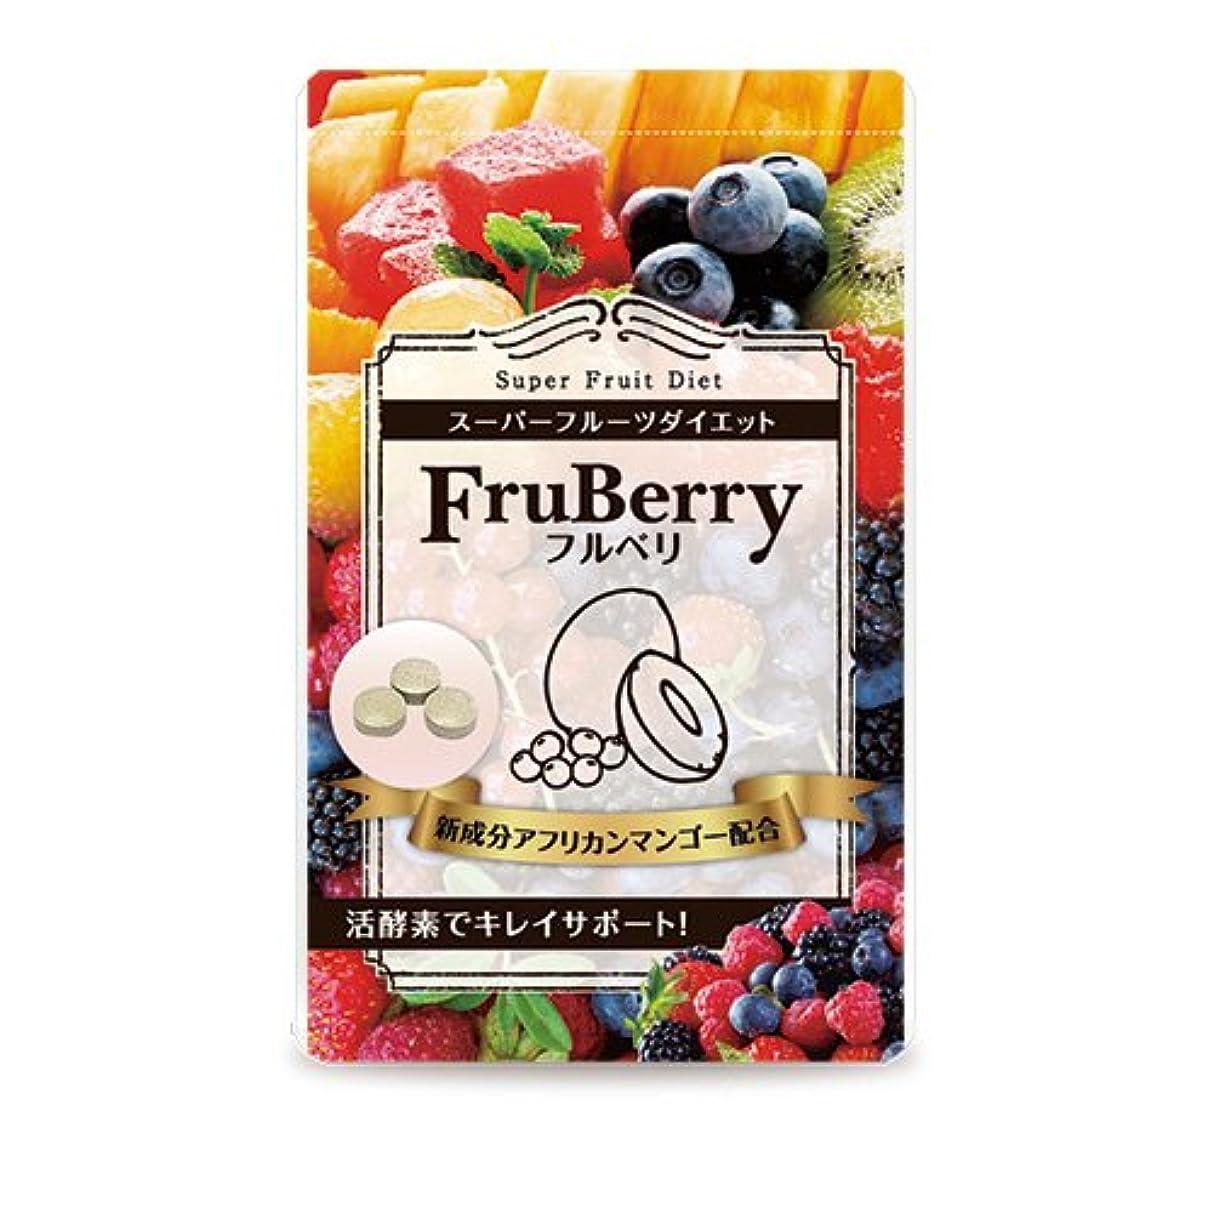 飾る忘れっぽい役に立つフルベリ 5袋セット 約150日分 FruBerry アフリカンマンゴー ベリー類 乳酸菌のサプリ